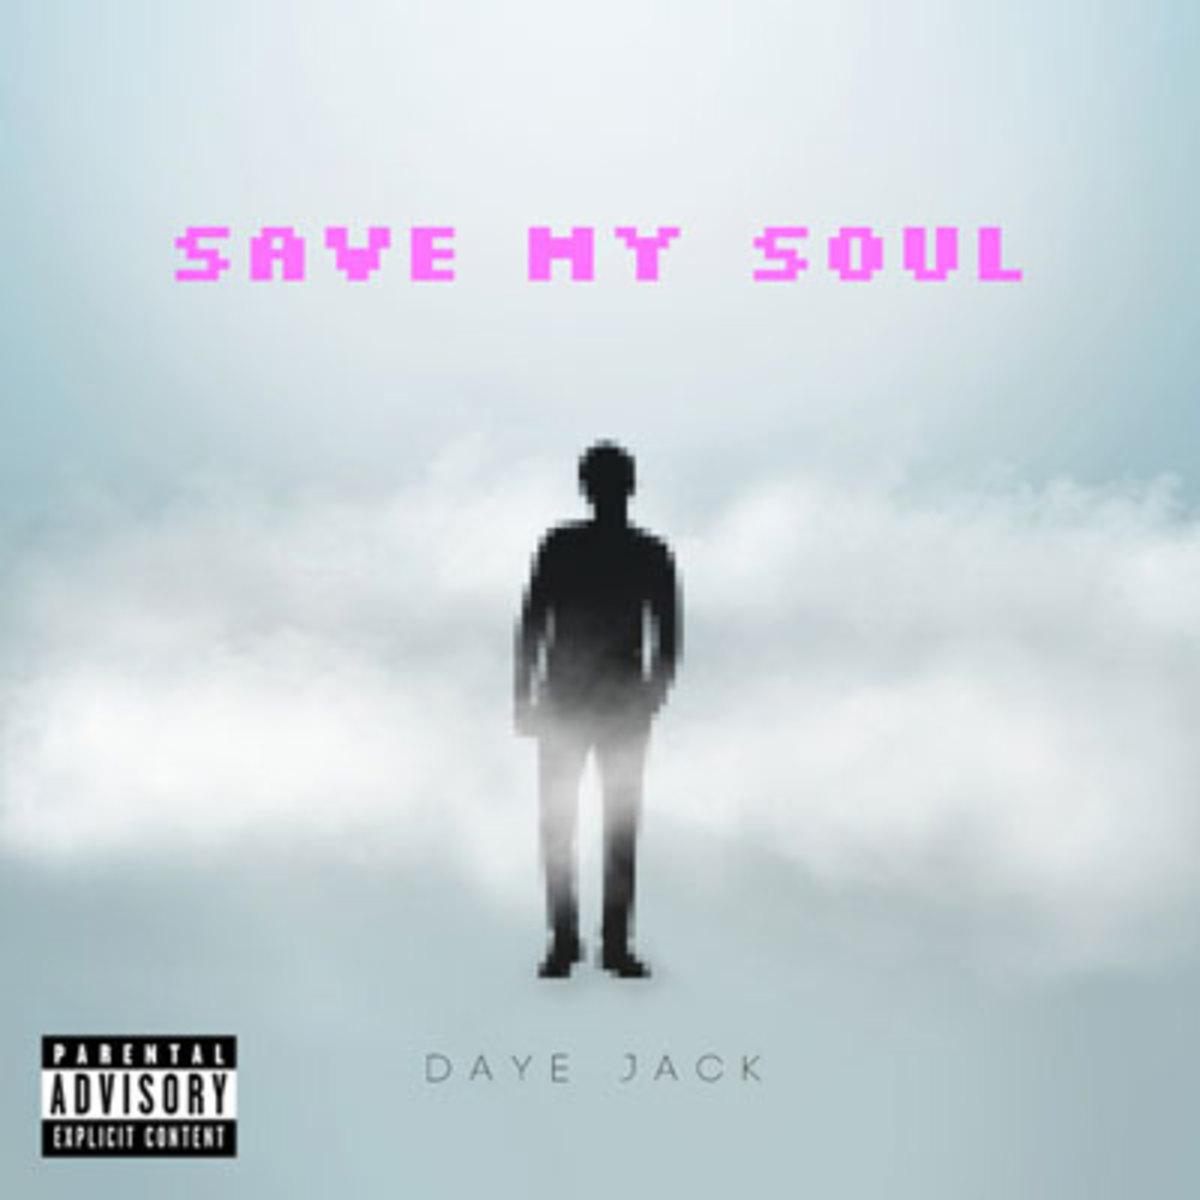 daye-jack-save-my-soul.jpg